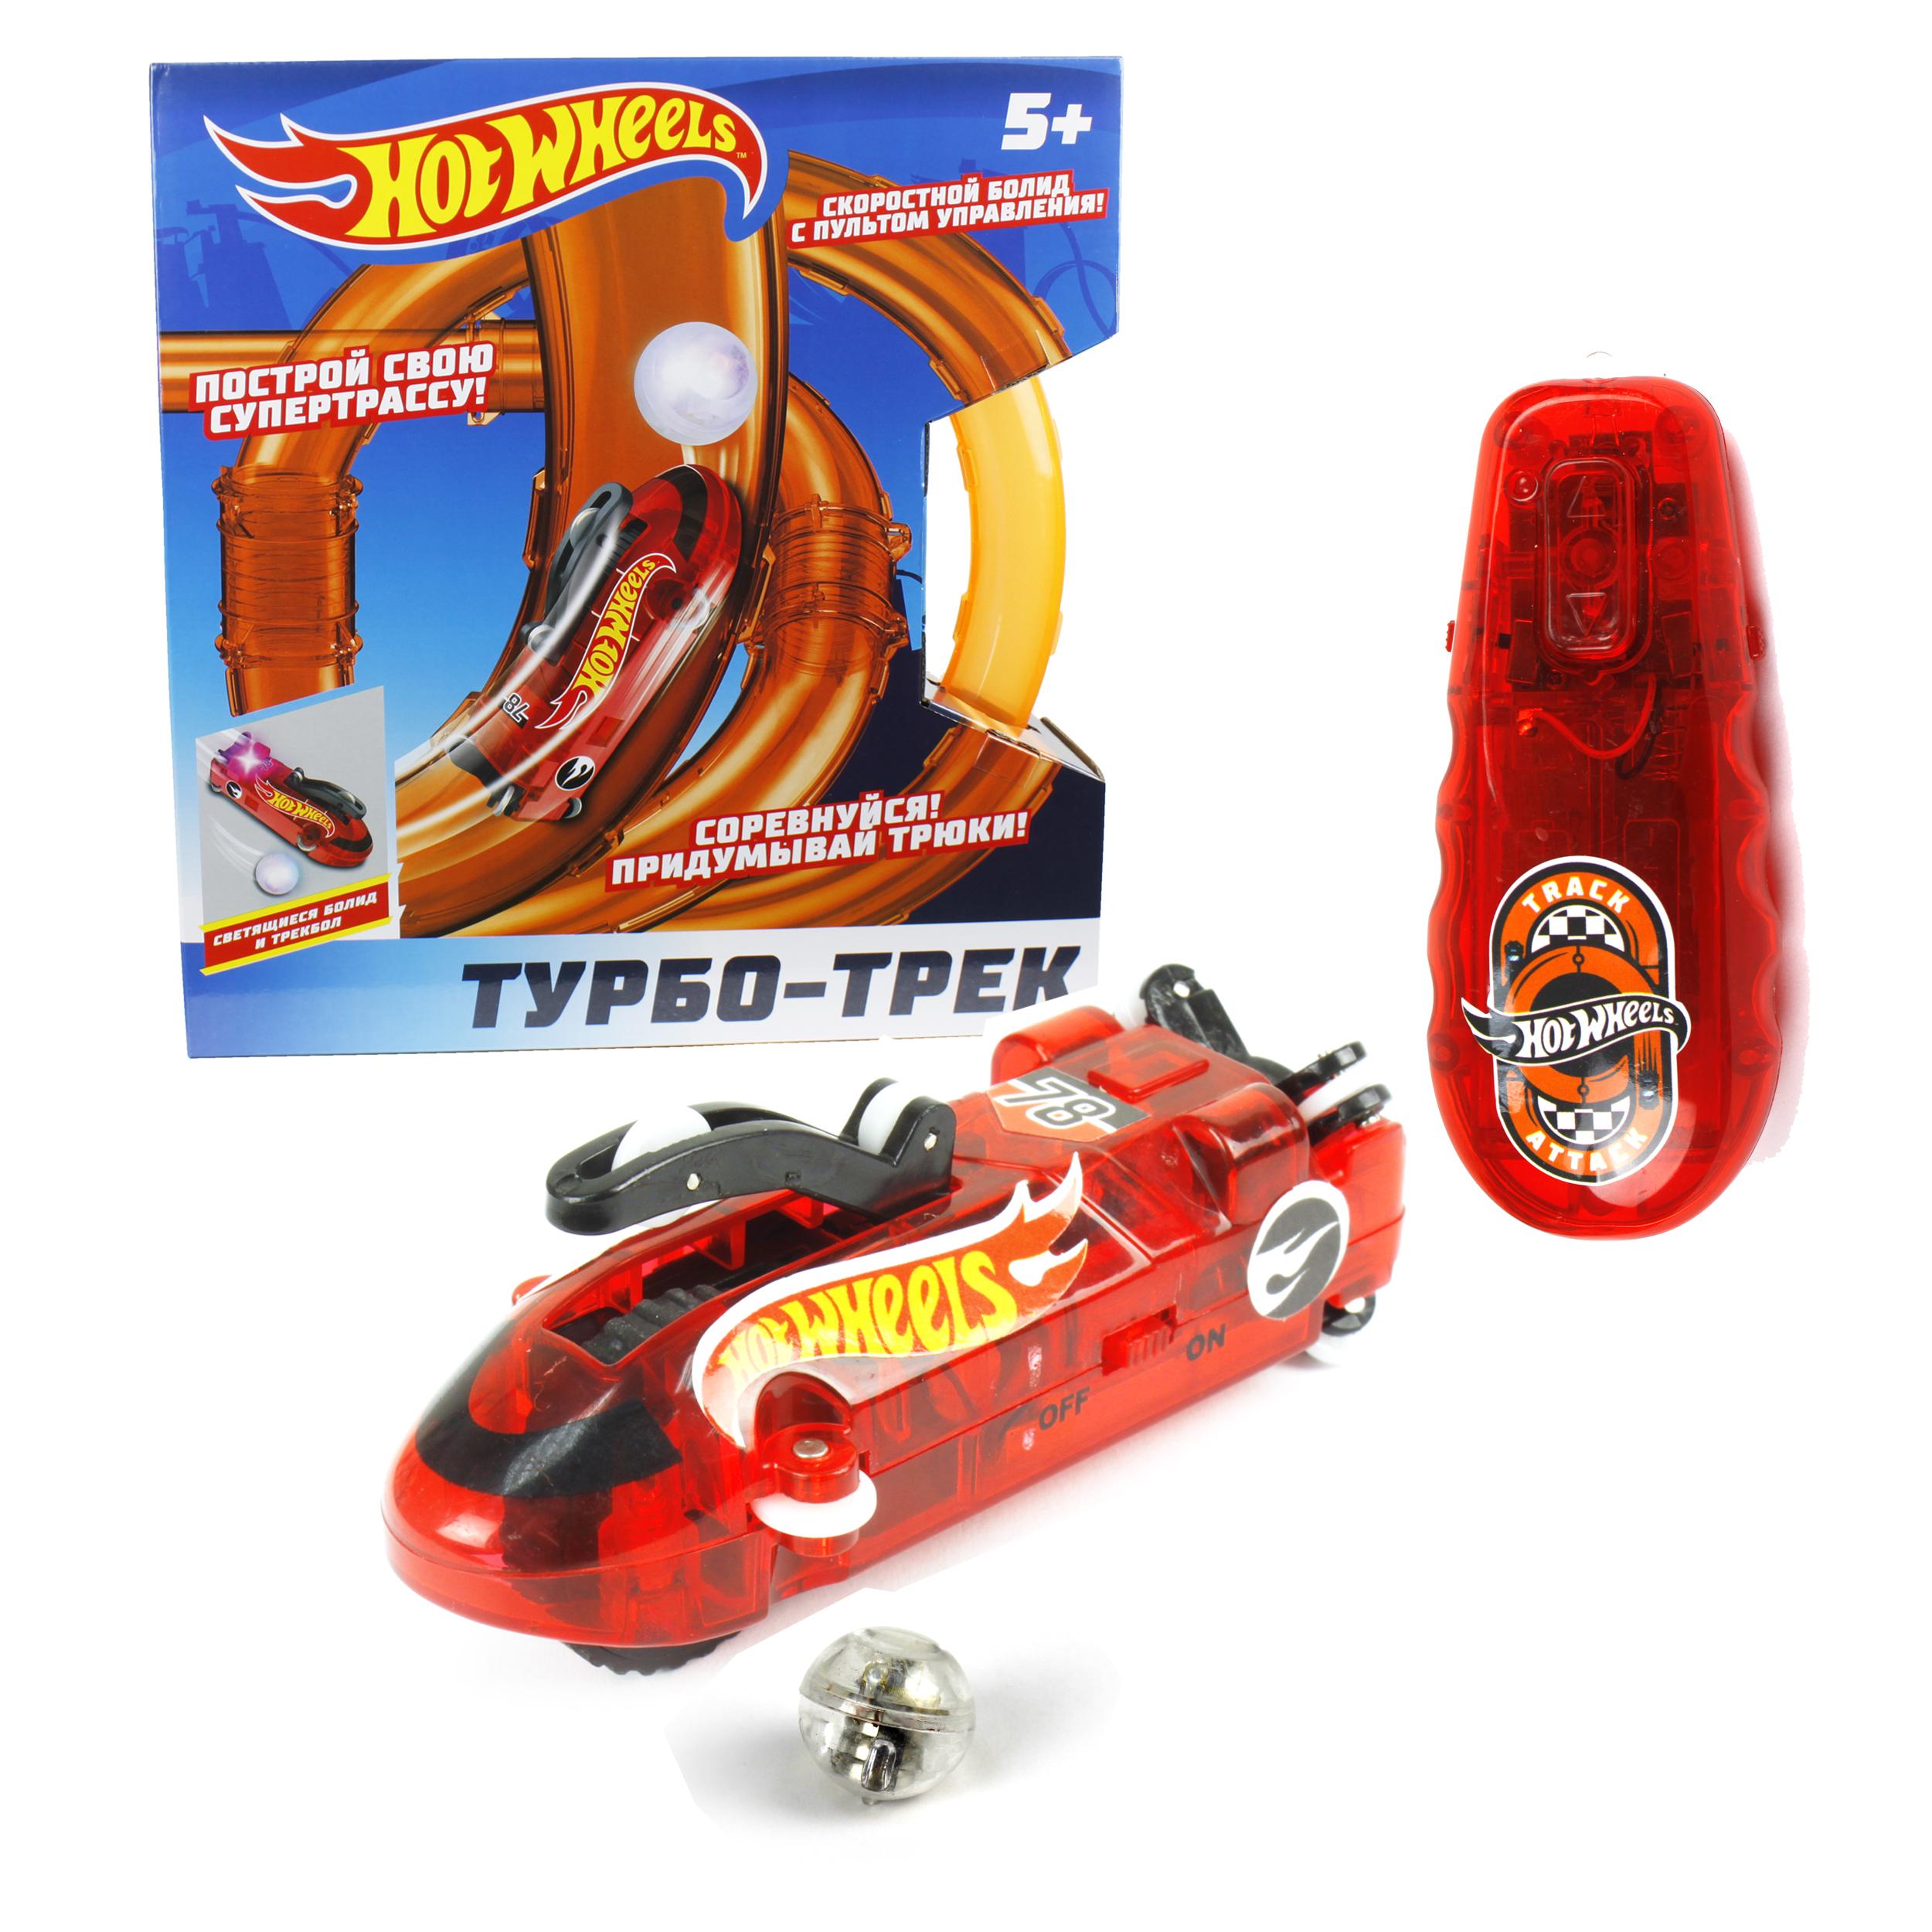 все цены на Игровой набор Hot Wheels Турбо-трек онлайн